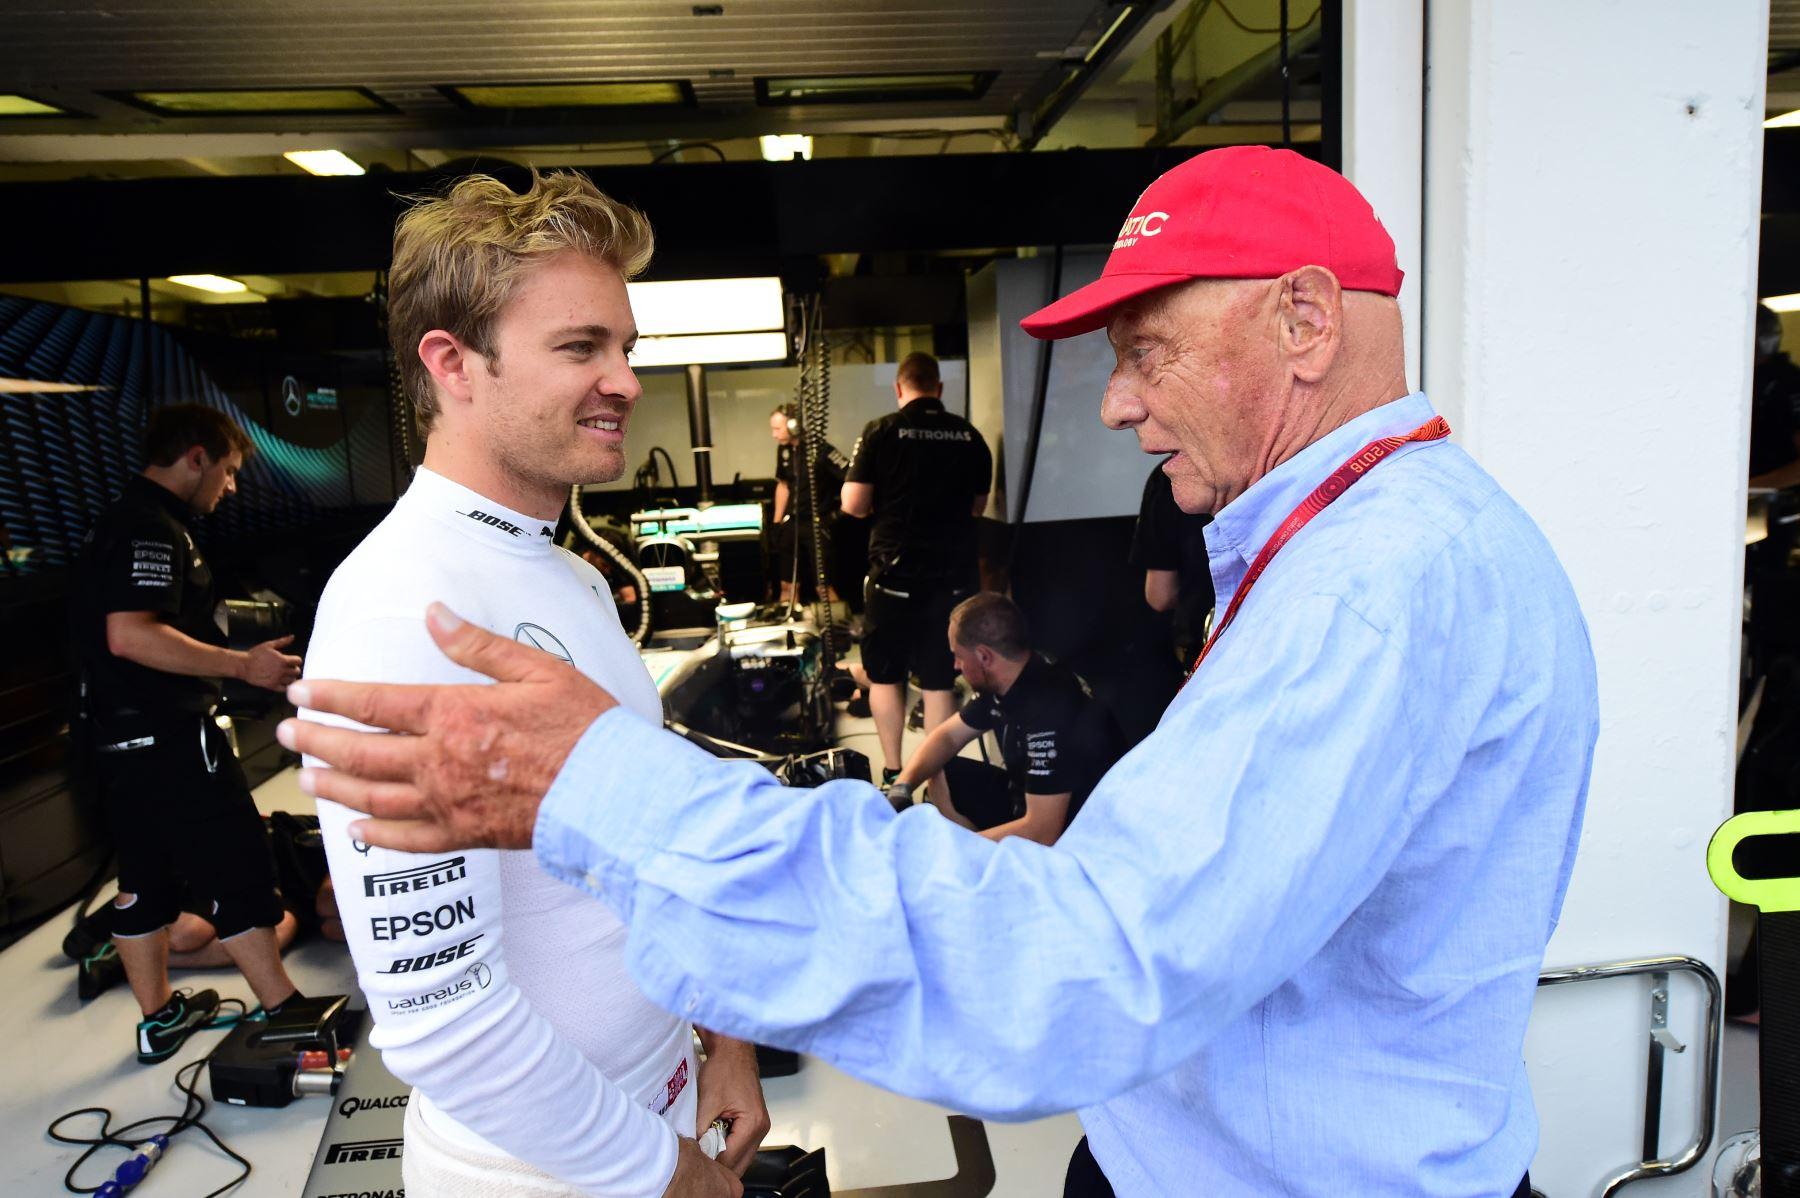 El piloto alemán de Mercedes Nico Rosberg escucha a la leyenda de Fórmula 1 Niki Lauda en Budapest, el 23 de julio de 2016. Foto: AFP